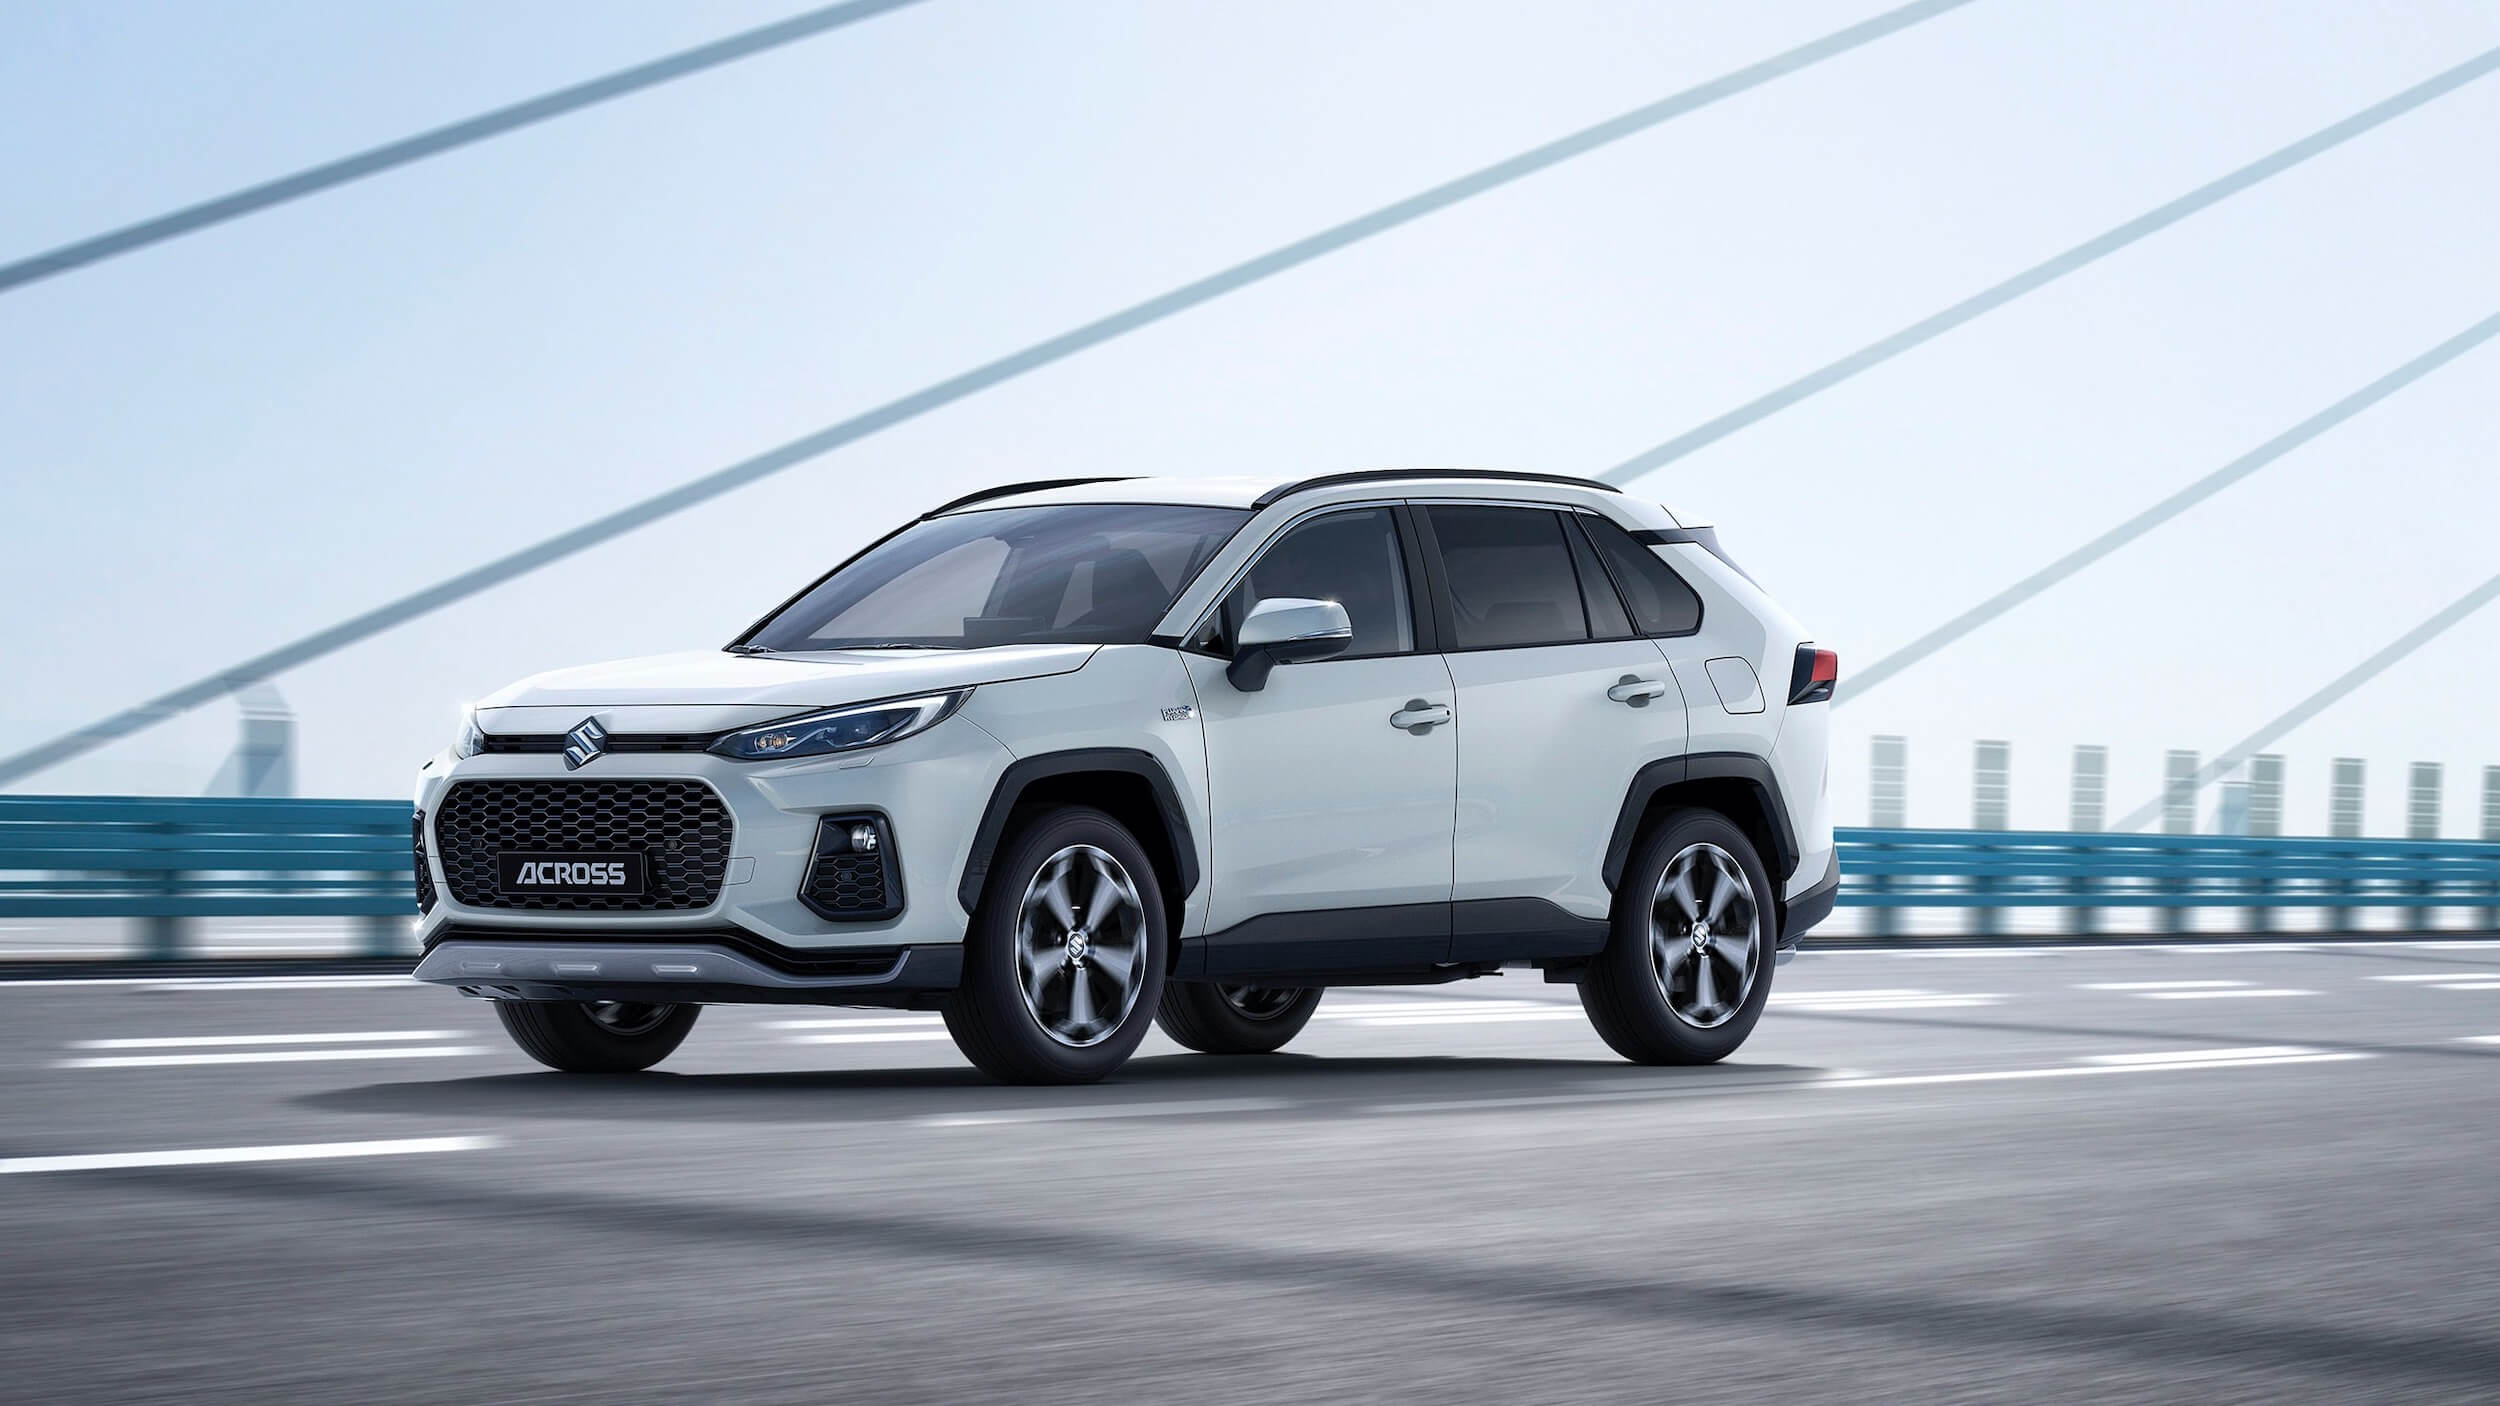 Suzuki Across Plug in Hybrid